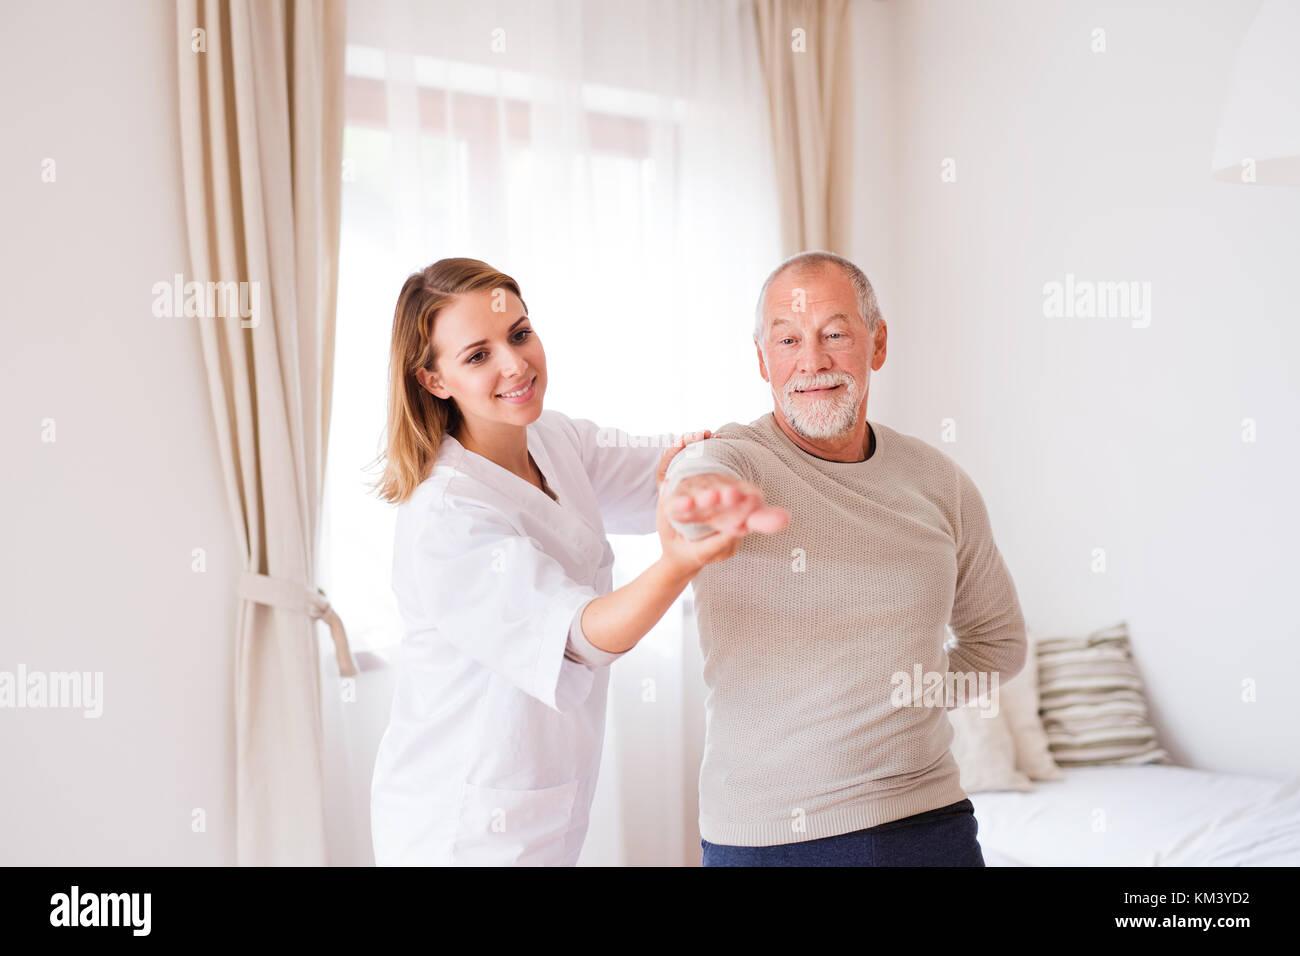 Gesundheit Besucher- und älteren Menschen zu Hause besuchen. Stockbild